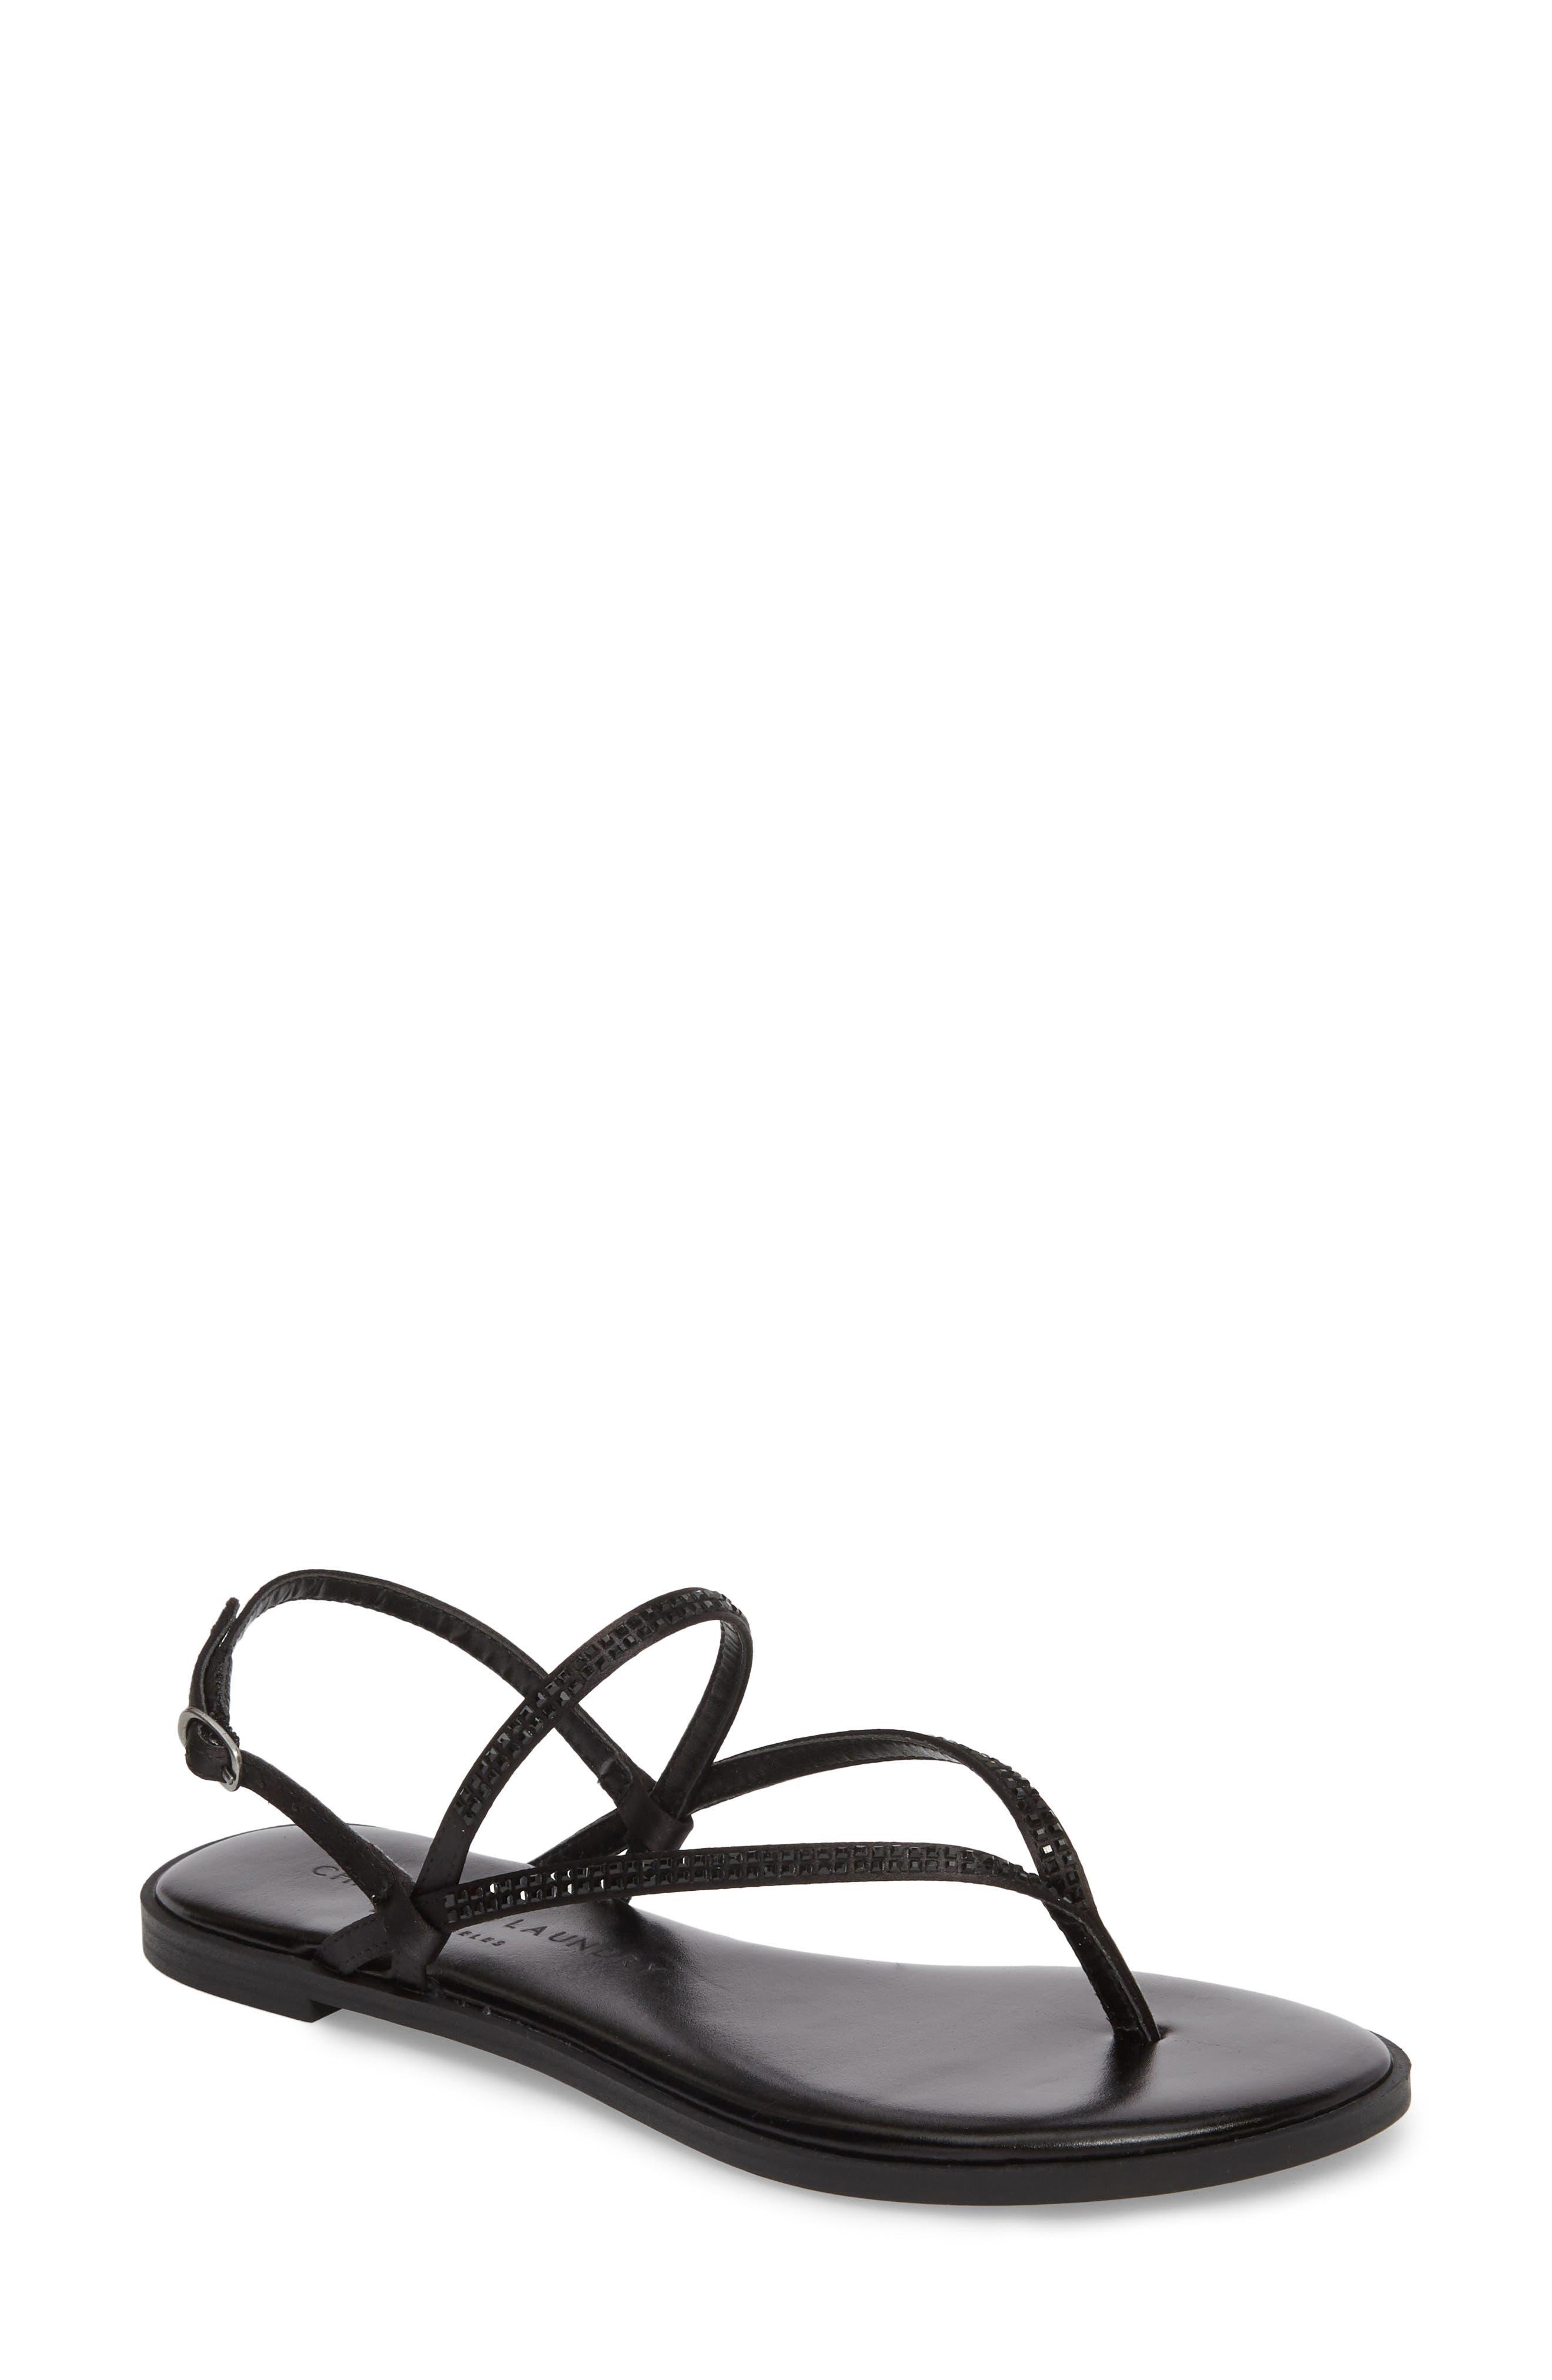 Gwendela Sandal,                         Main,                         color, BLACK